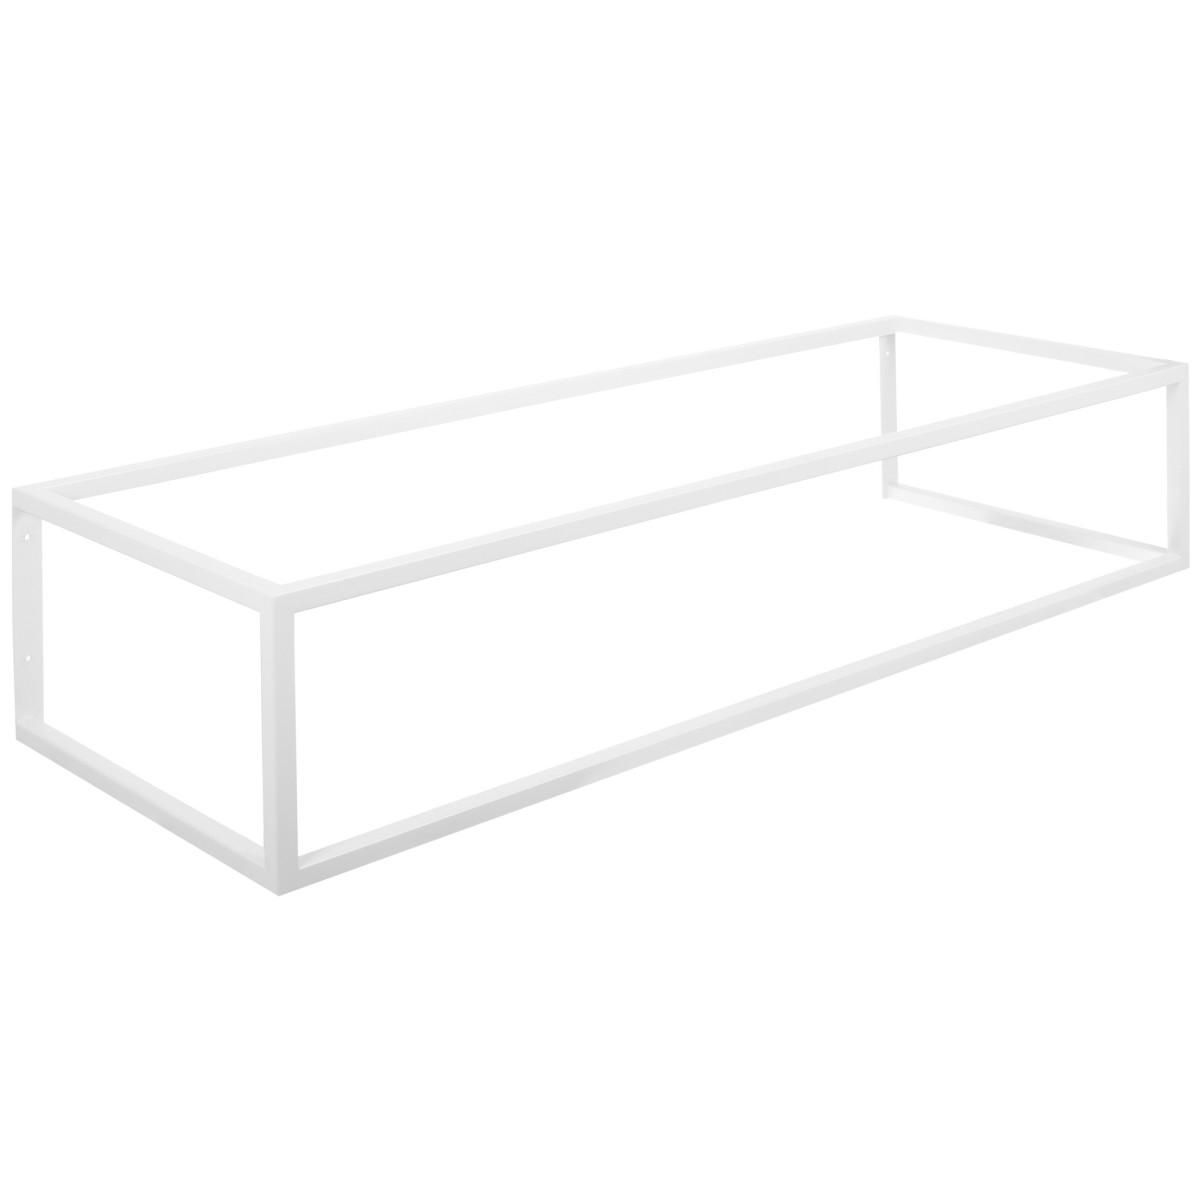 Кронштейн подвесной для столешницы 1195х450х250 см цвет белый